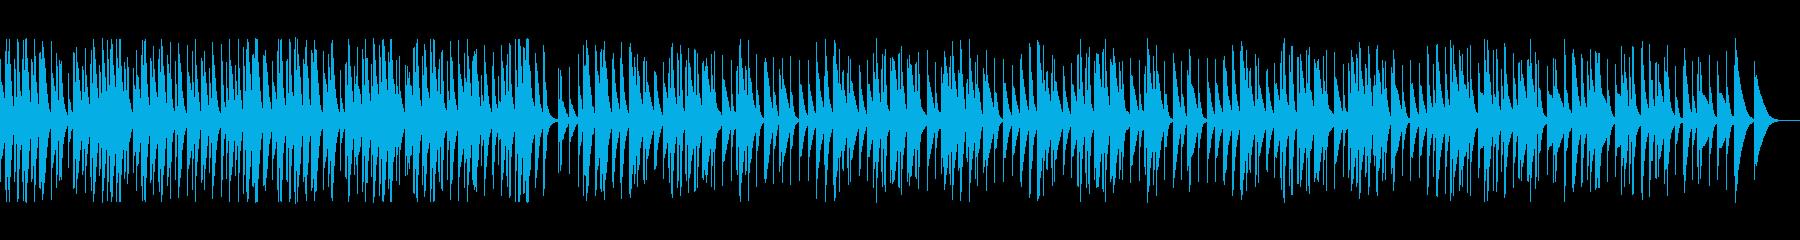 軽快で牧歌的な木琴の再生済みの波形